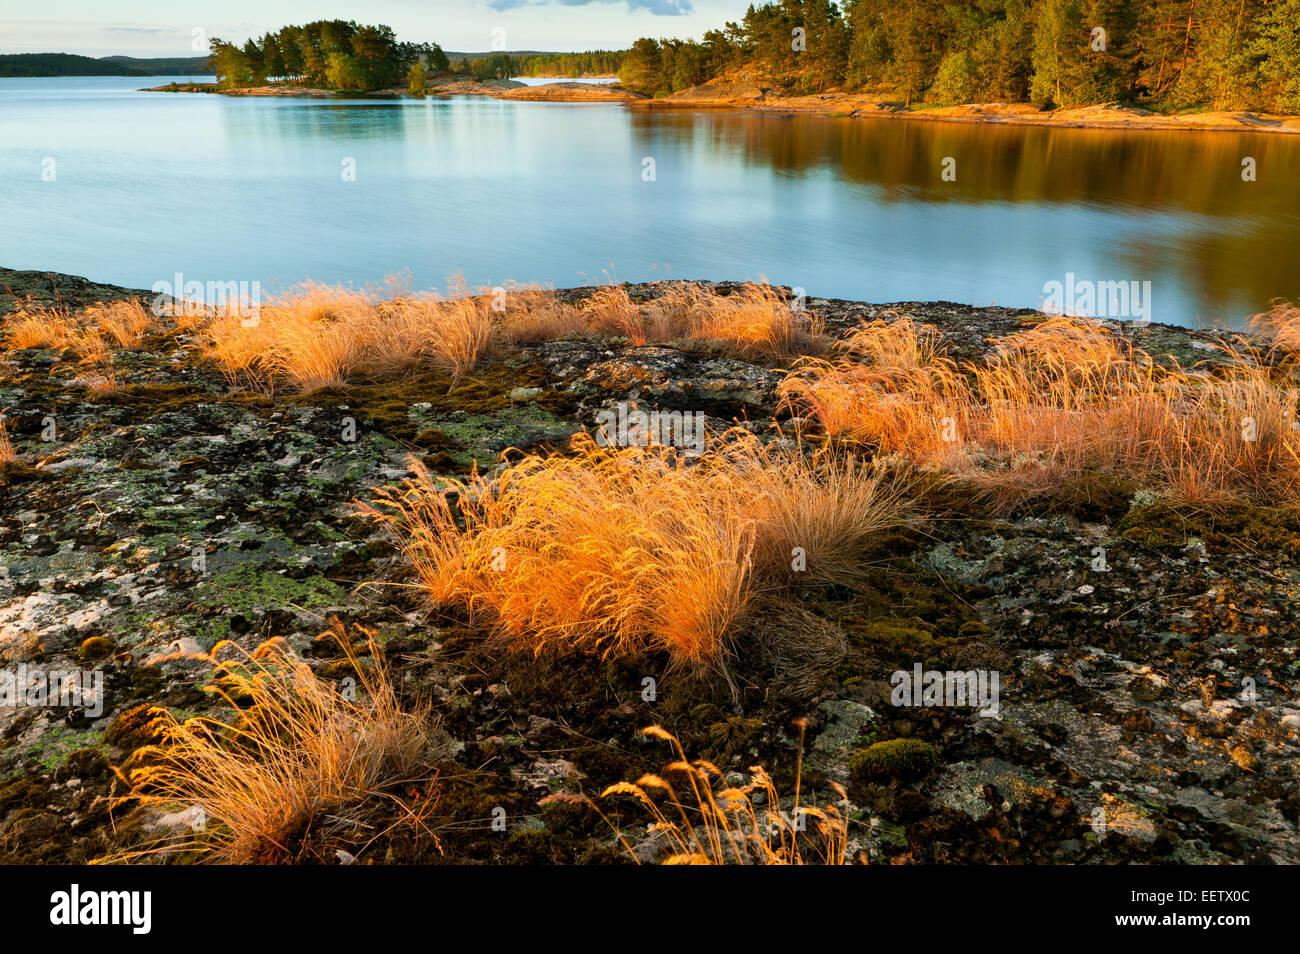 Sommerabend auf der Insel im See Brattholmen Råde Vansjø, Kommune, Østfold fylke, Norwegen. Stockbild